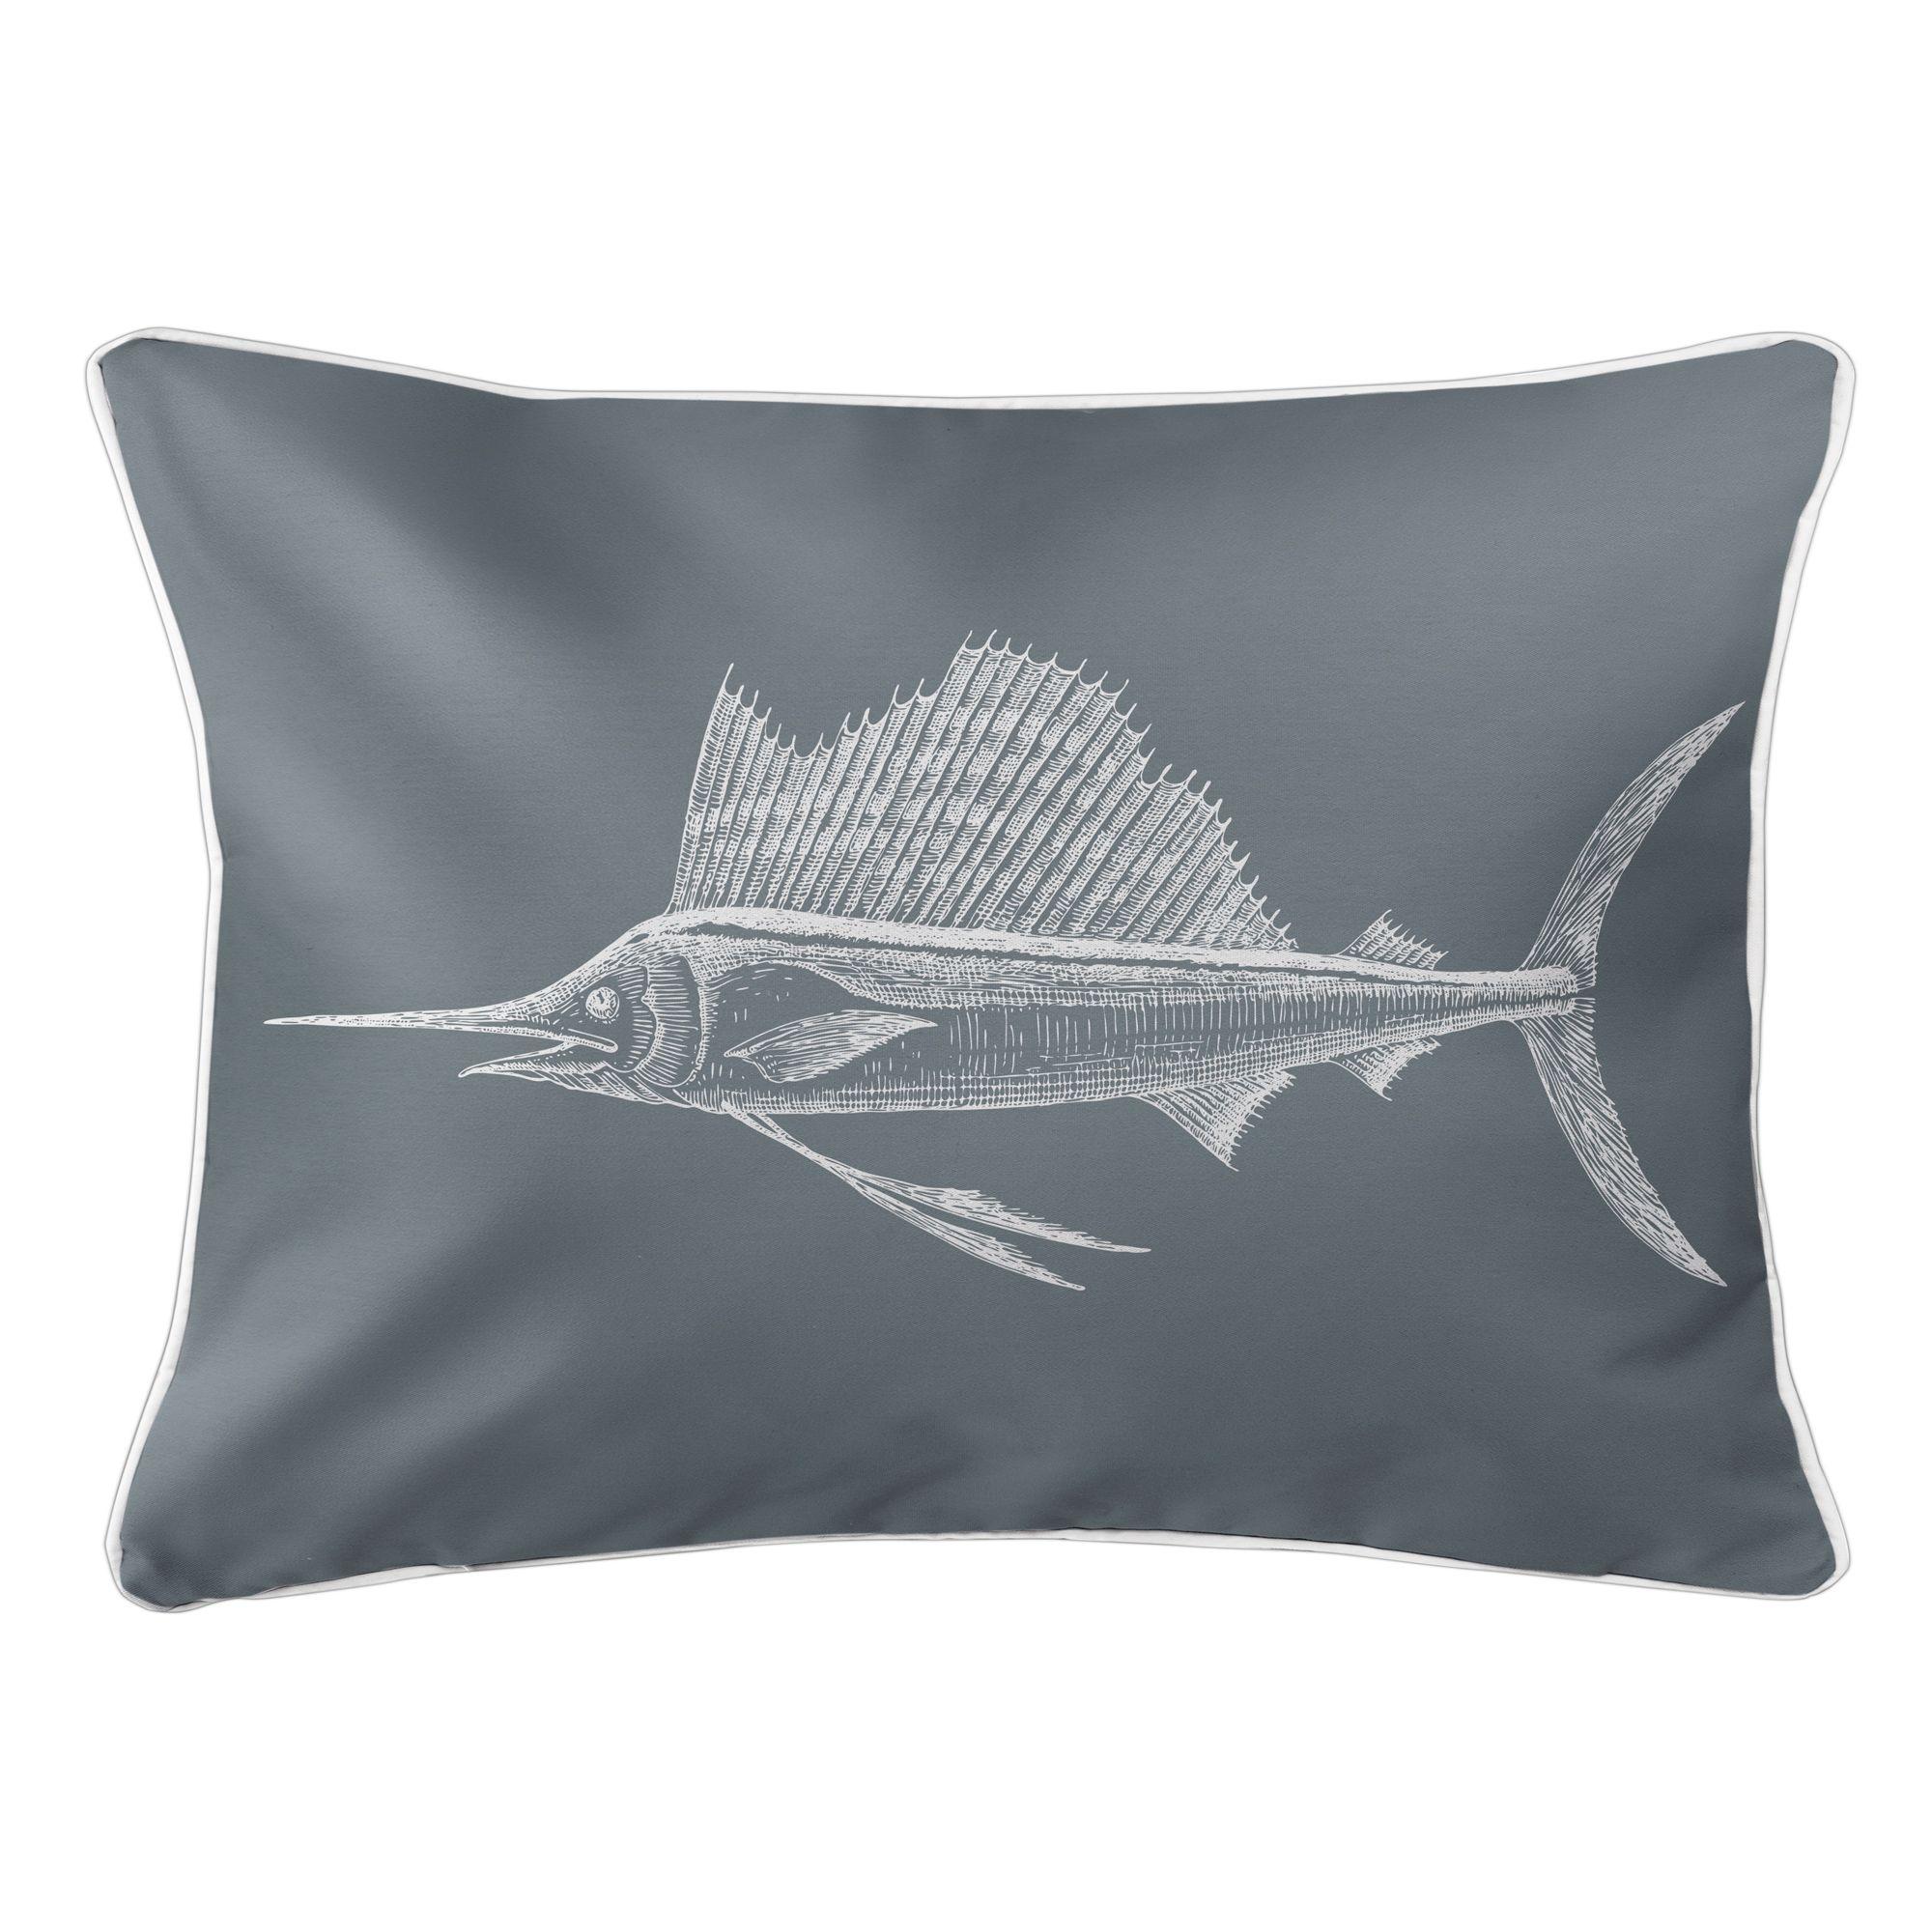 Sailfish Gray Lumbar Pillow In 2020 Lumbar Pillow Pillows Outdoor Pillows